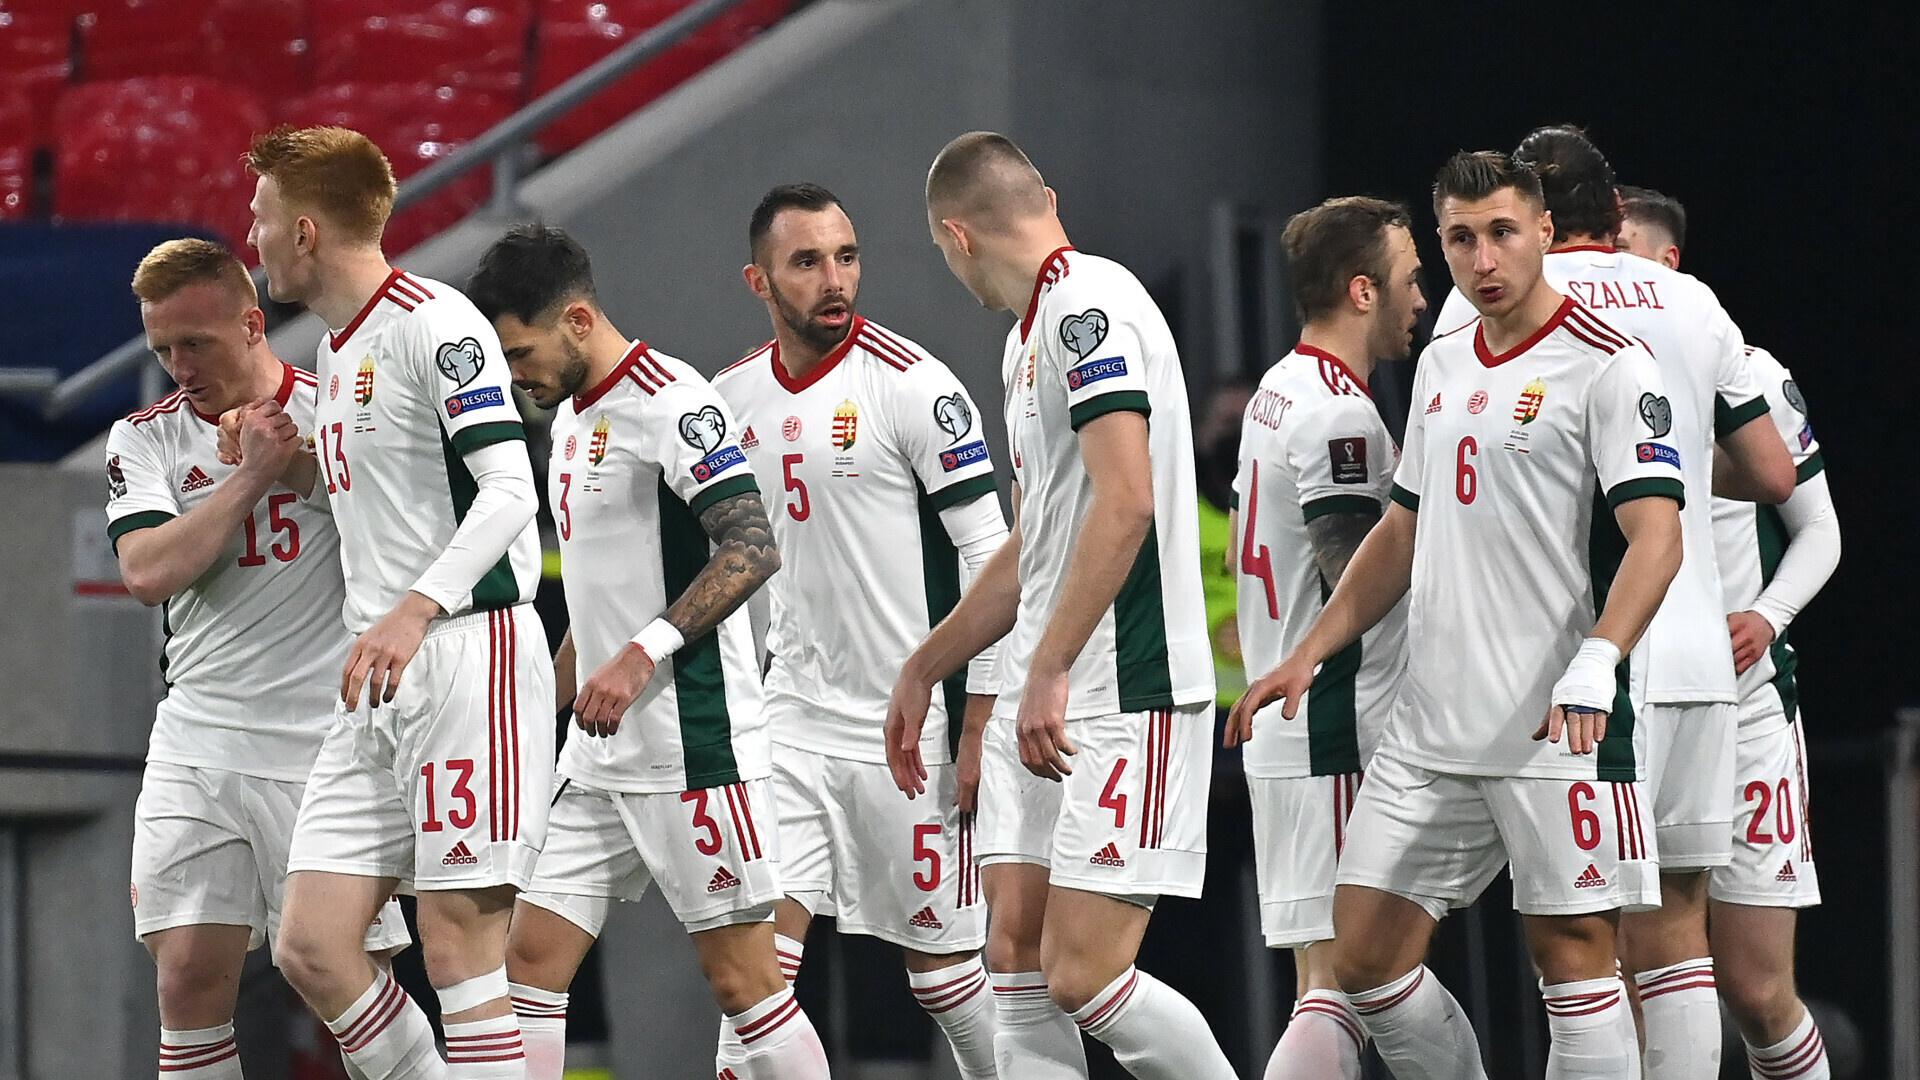 Kalmárt (13) és Szalait (4) is bátran ajánlja Rossi az olasz topligába